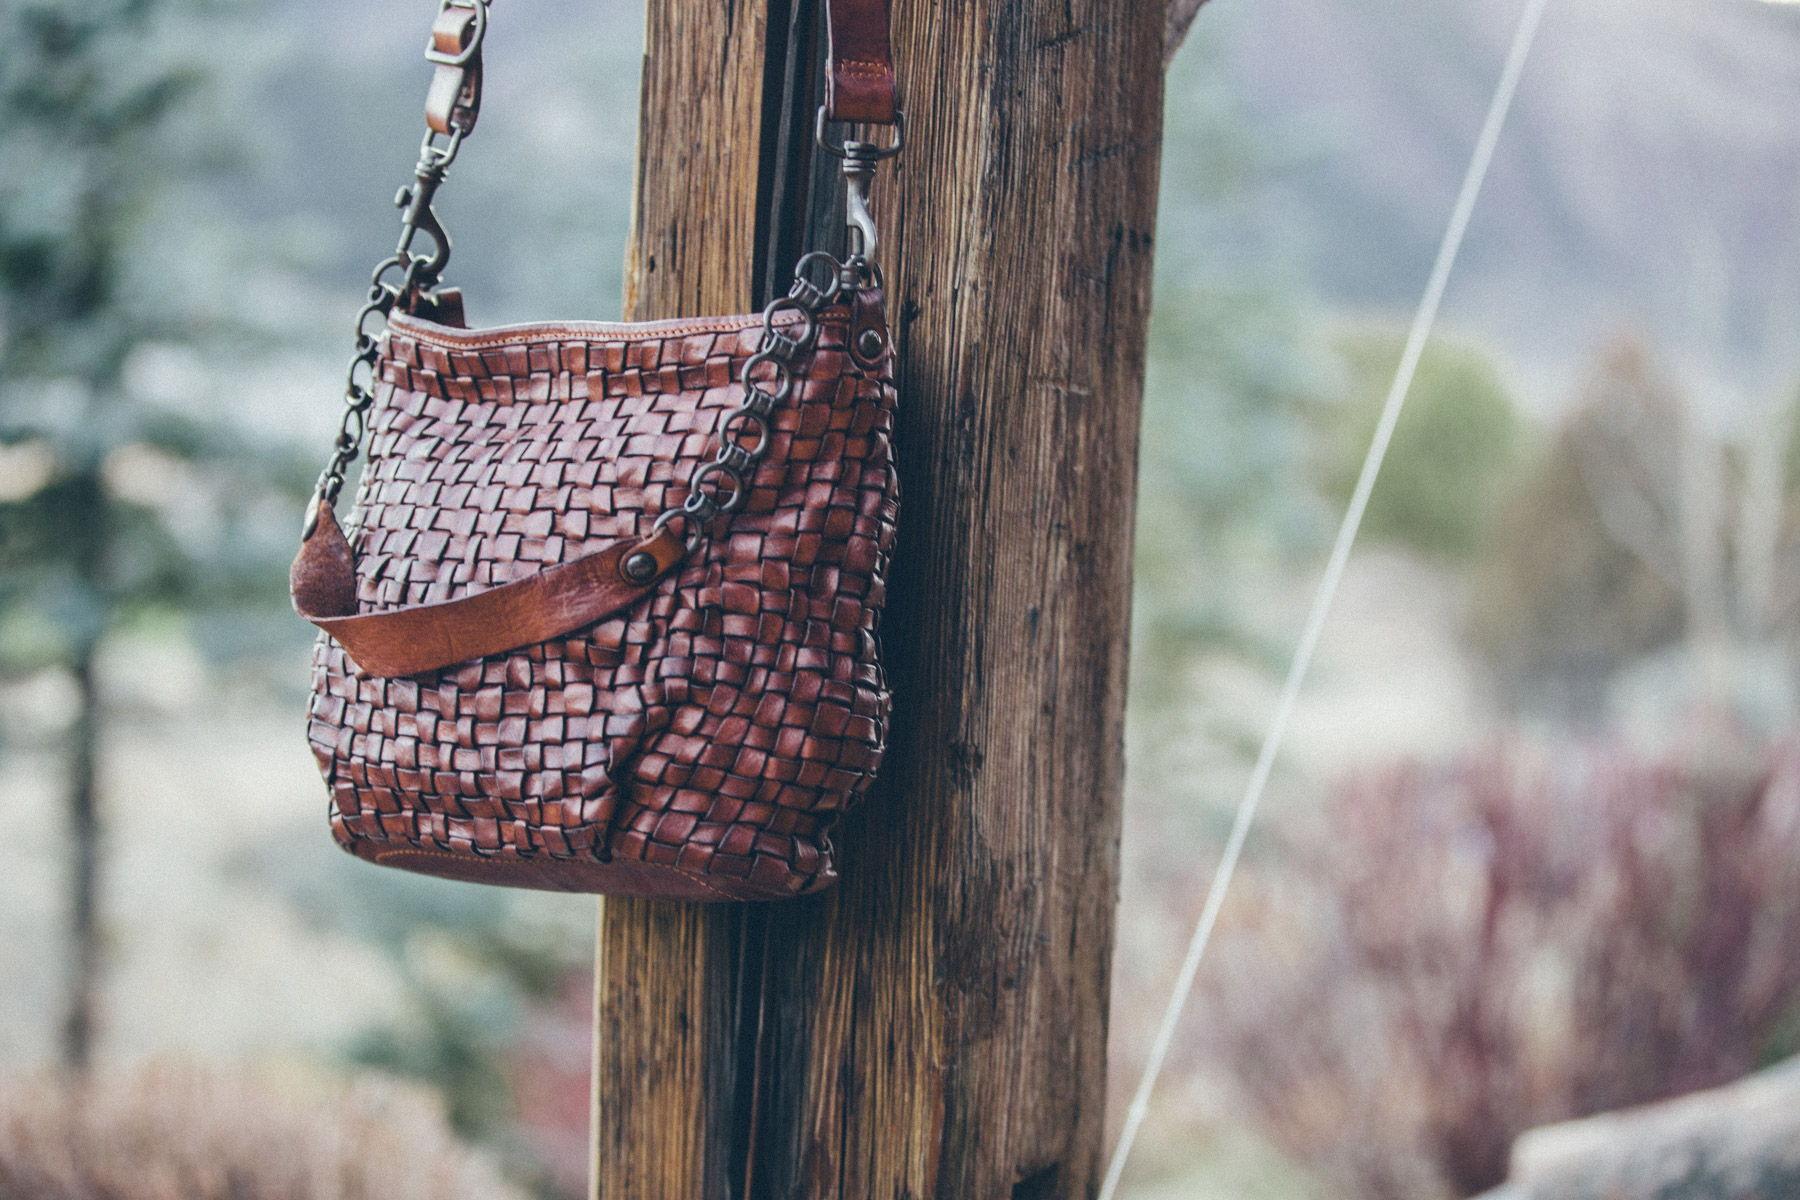 Campmaggi Basketweave Bag